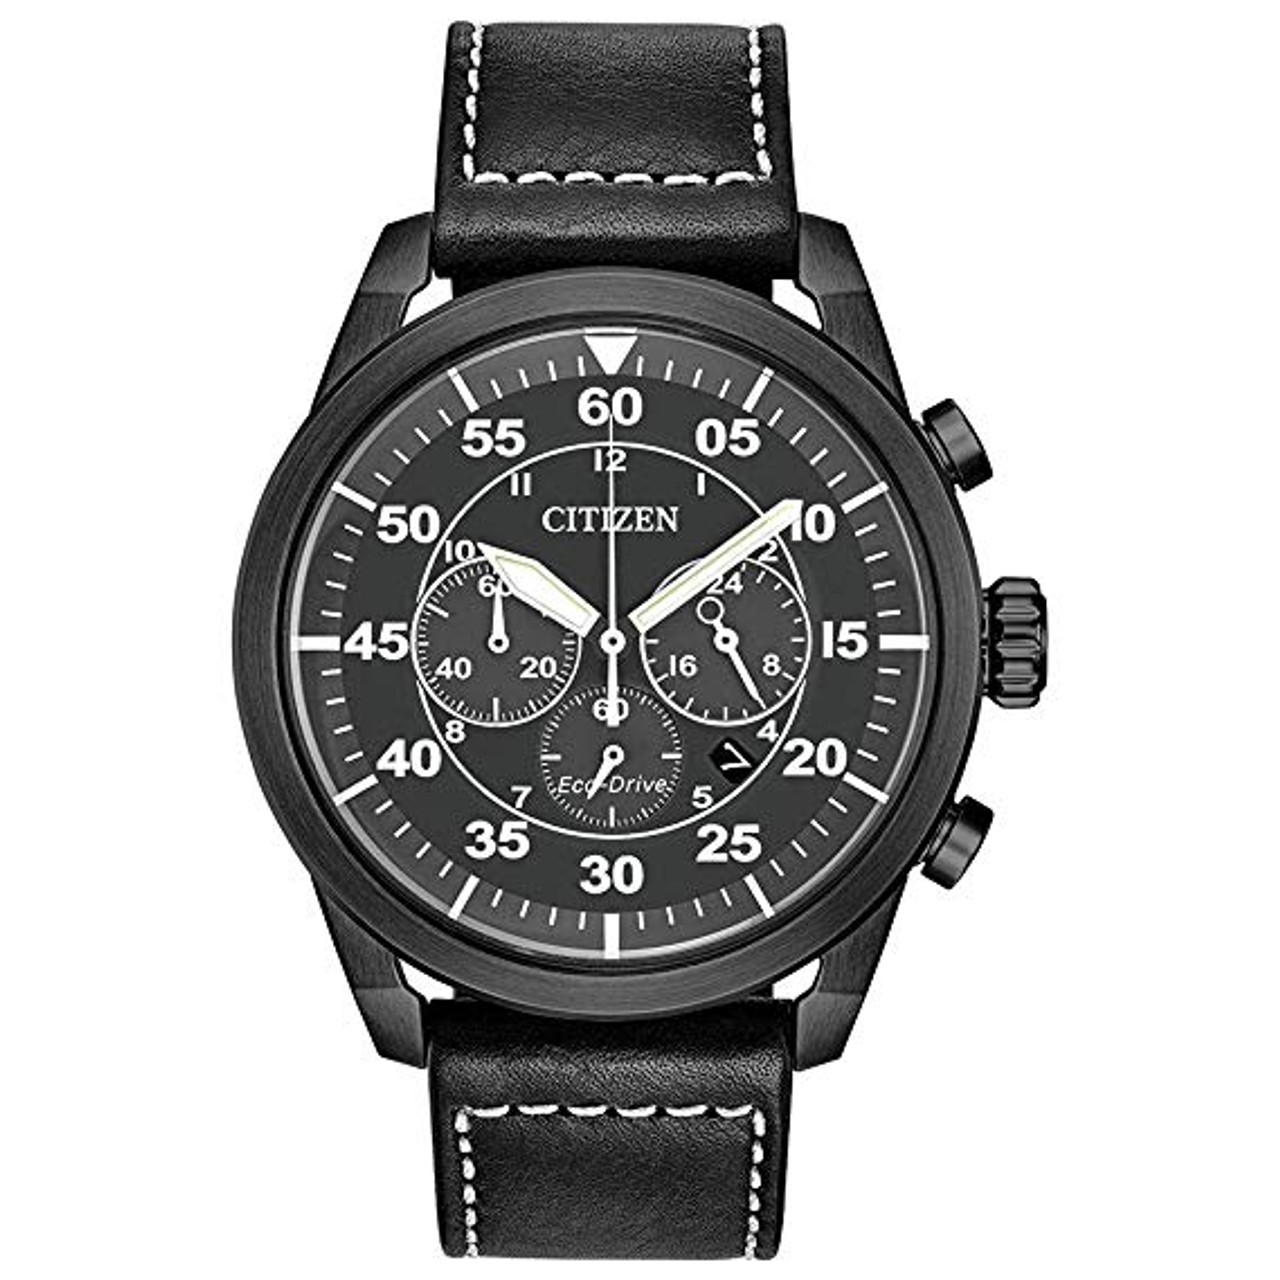 Citizen Avion Chronograph - Black Leather